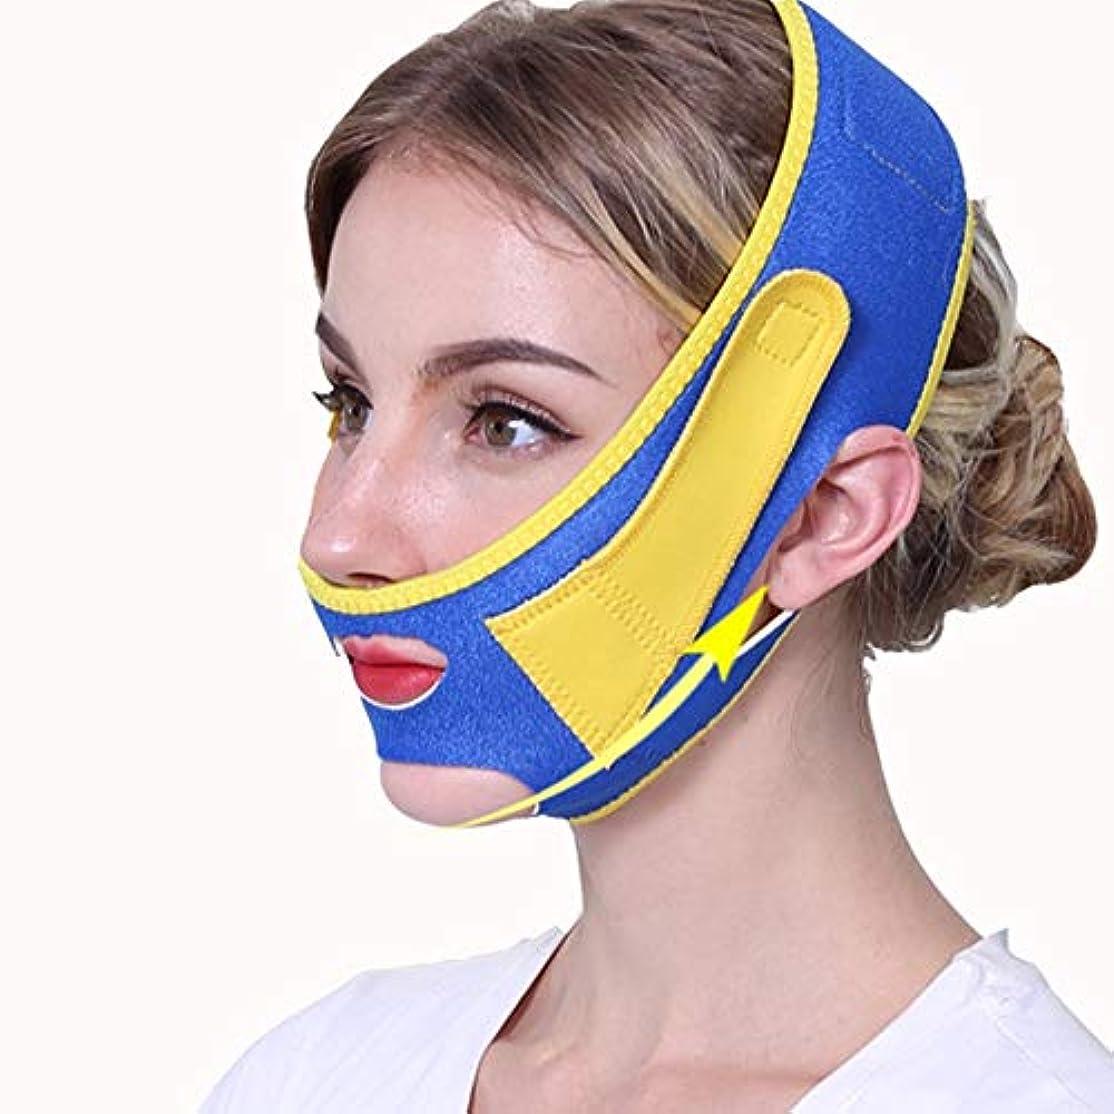 忠誠ペースタイヤフェイシャルリフティング痩身ベルトフェイス包帯マスク整形マスクフェイスベルトを引き締める薄型フェイス包帯整形マスクフェイスと首の顔を引き締めスリム